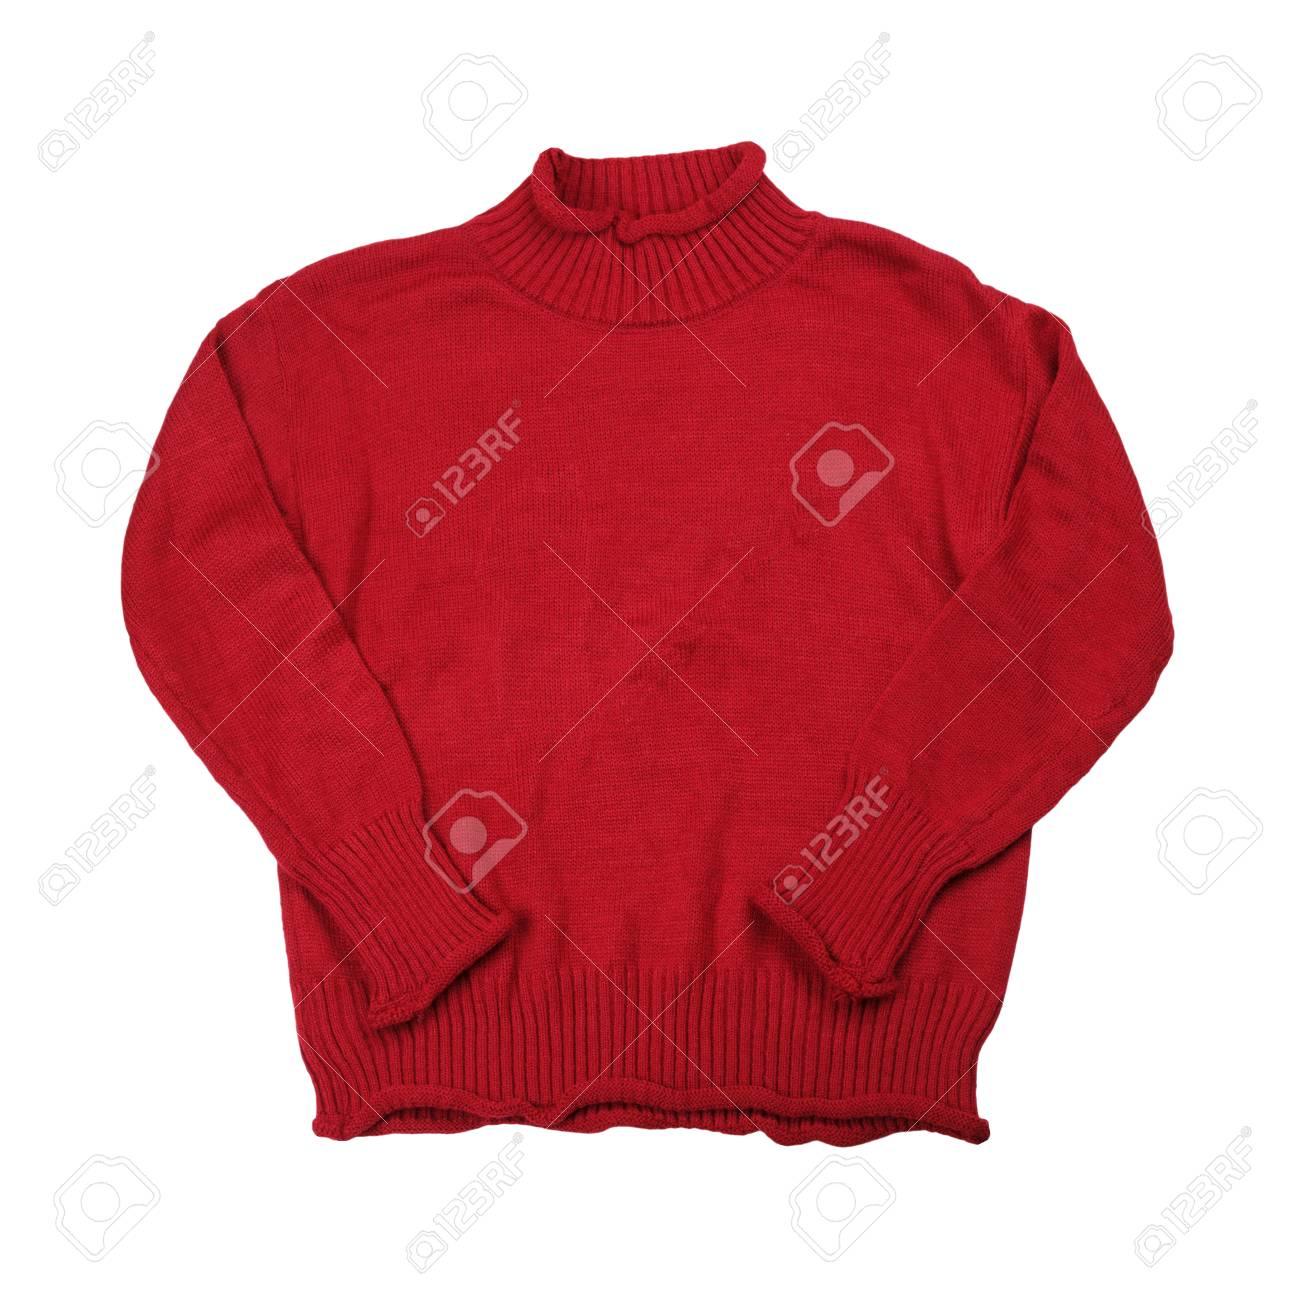 free shipping 1cf83 fe1be Adatti i vestiti rossi dei maglioni per la stagione invernale isolati su  fondo bianco